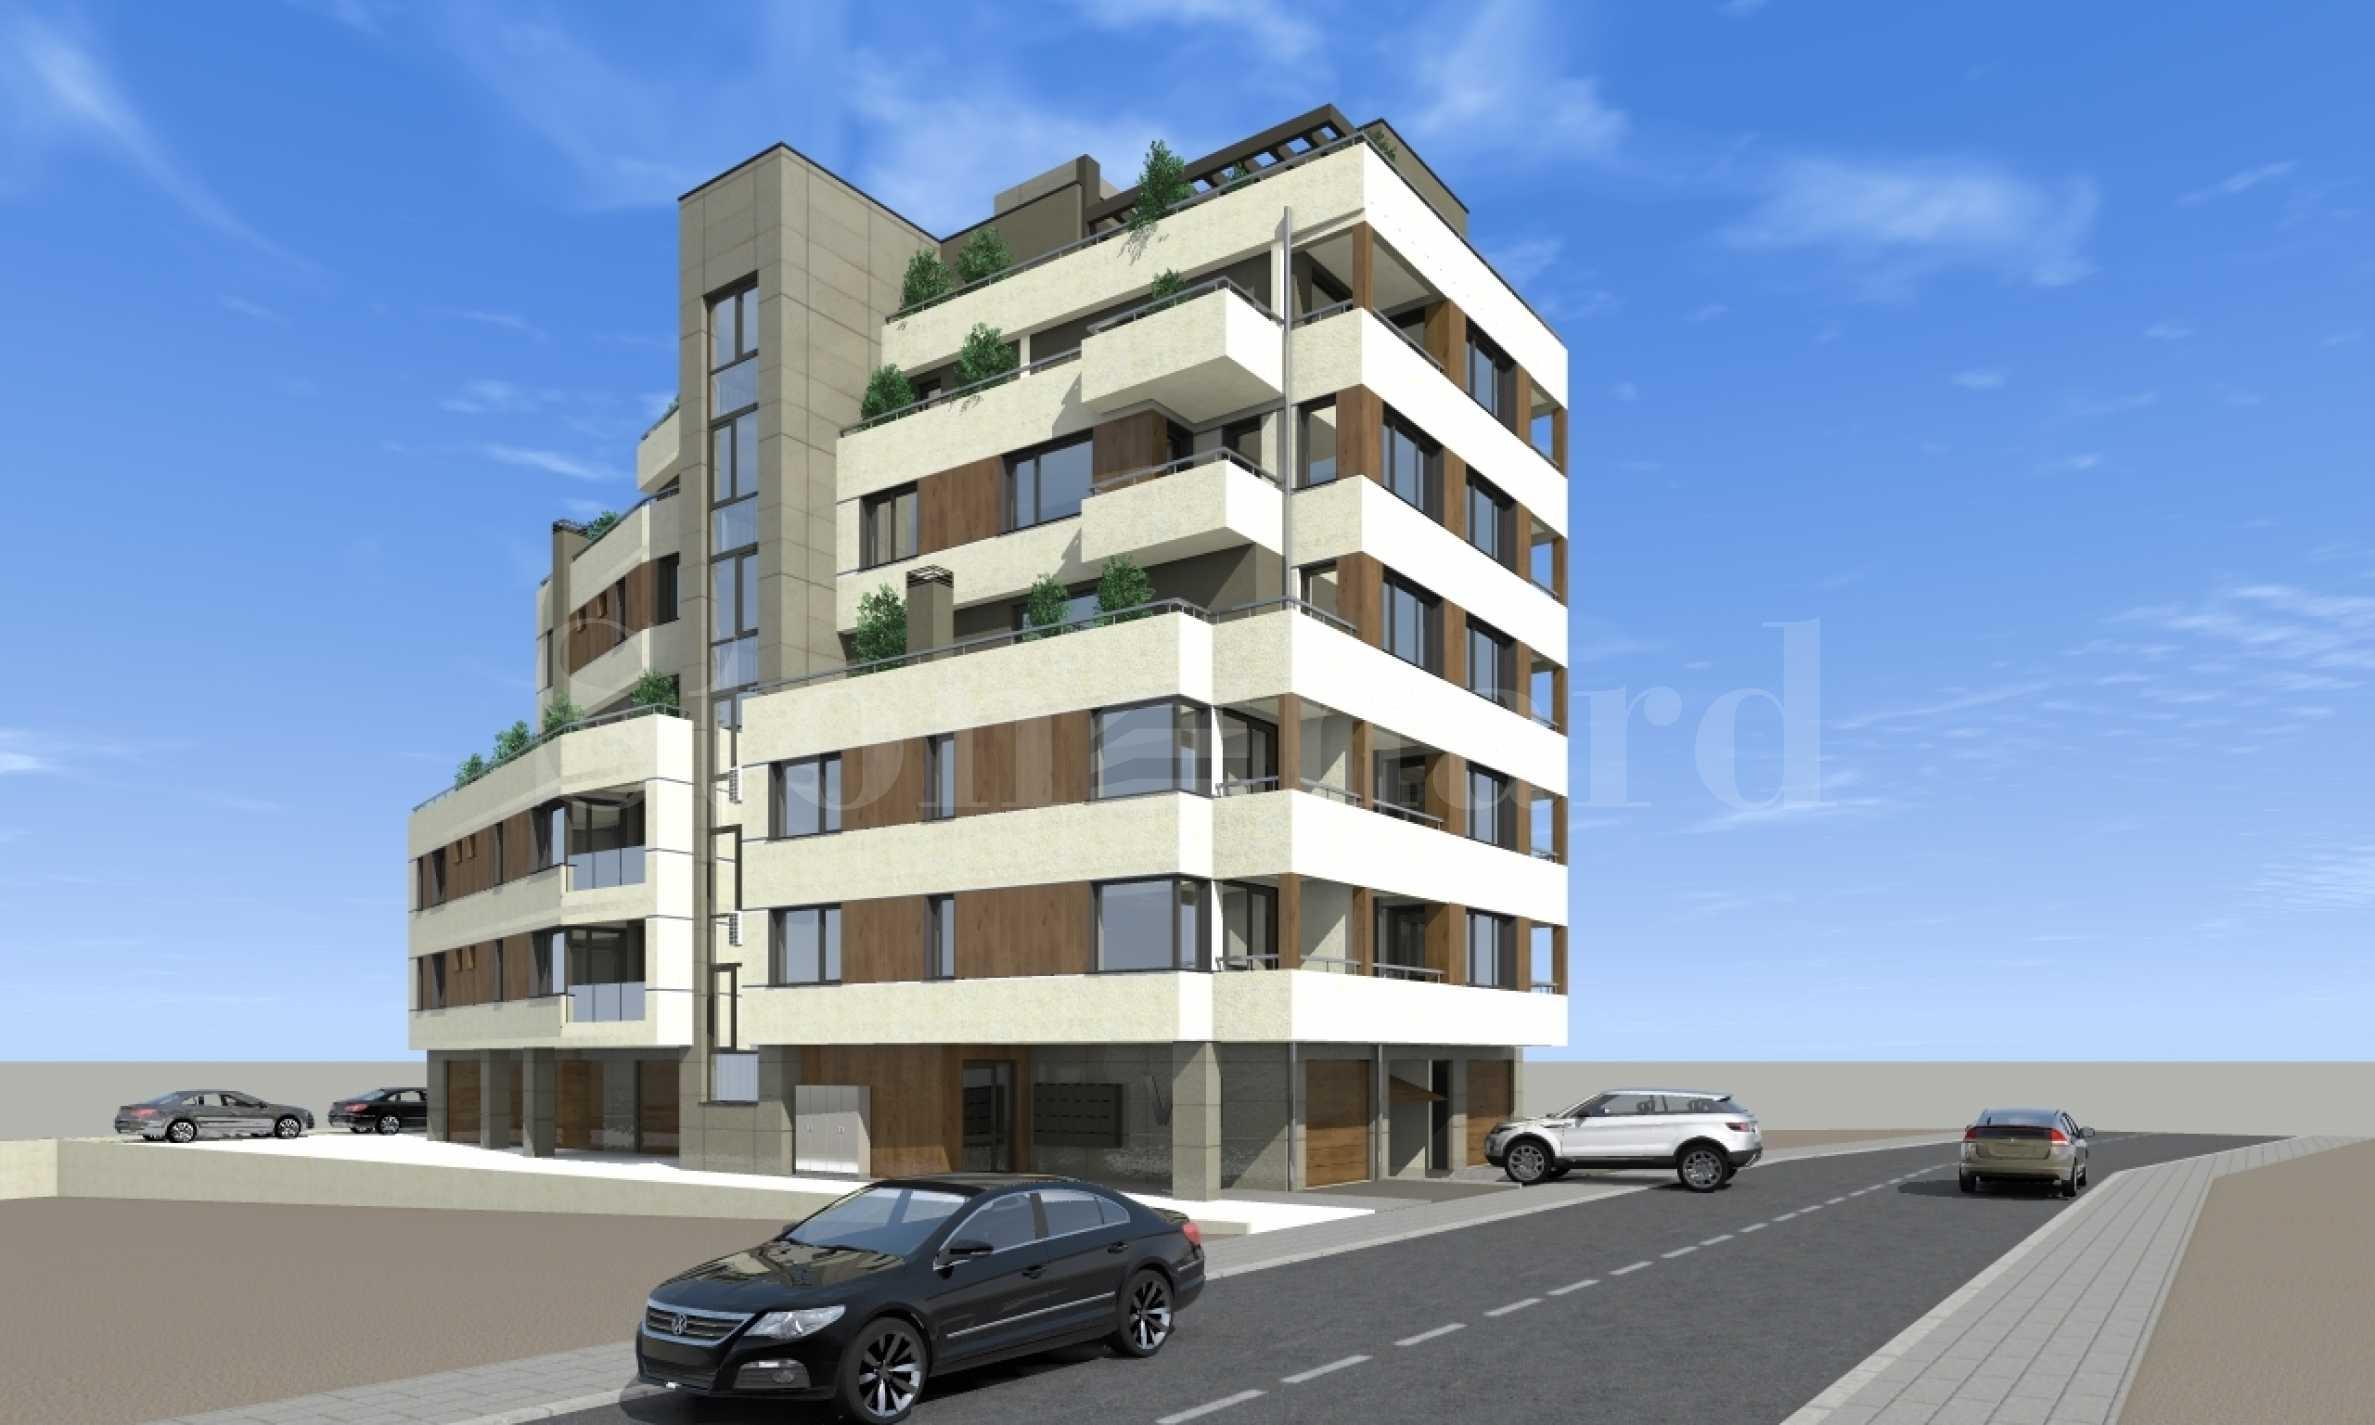 Последни двустайни апартаменти в ефектна сграда с модерна визия1 - Stonehard